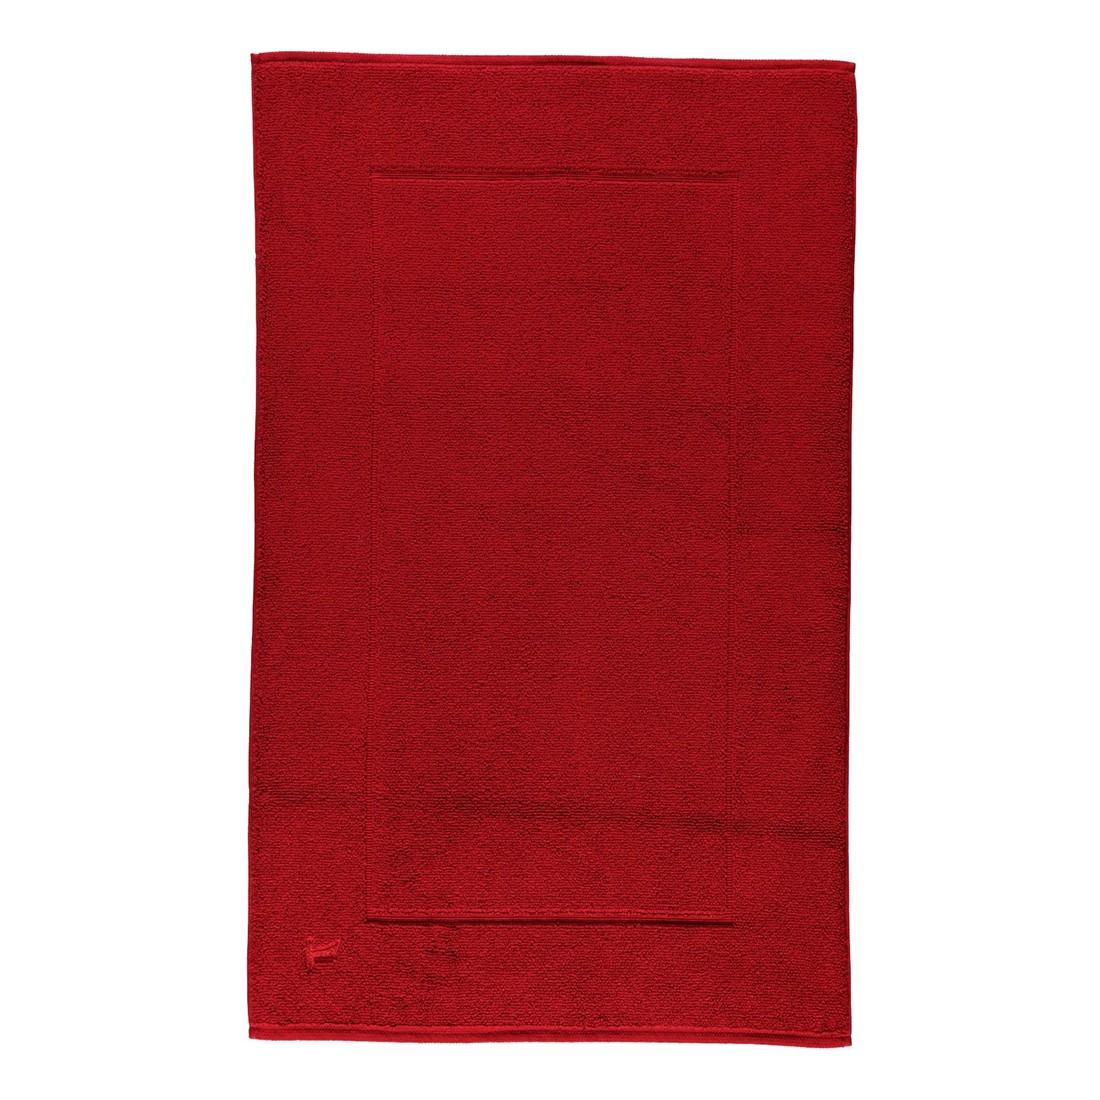 Badteppich Superwuschel – 100% Baumwolle rubin – 075 – 60 x 100 cm, Möve bestellen